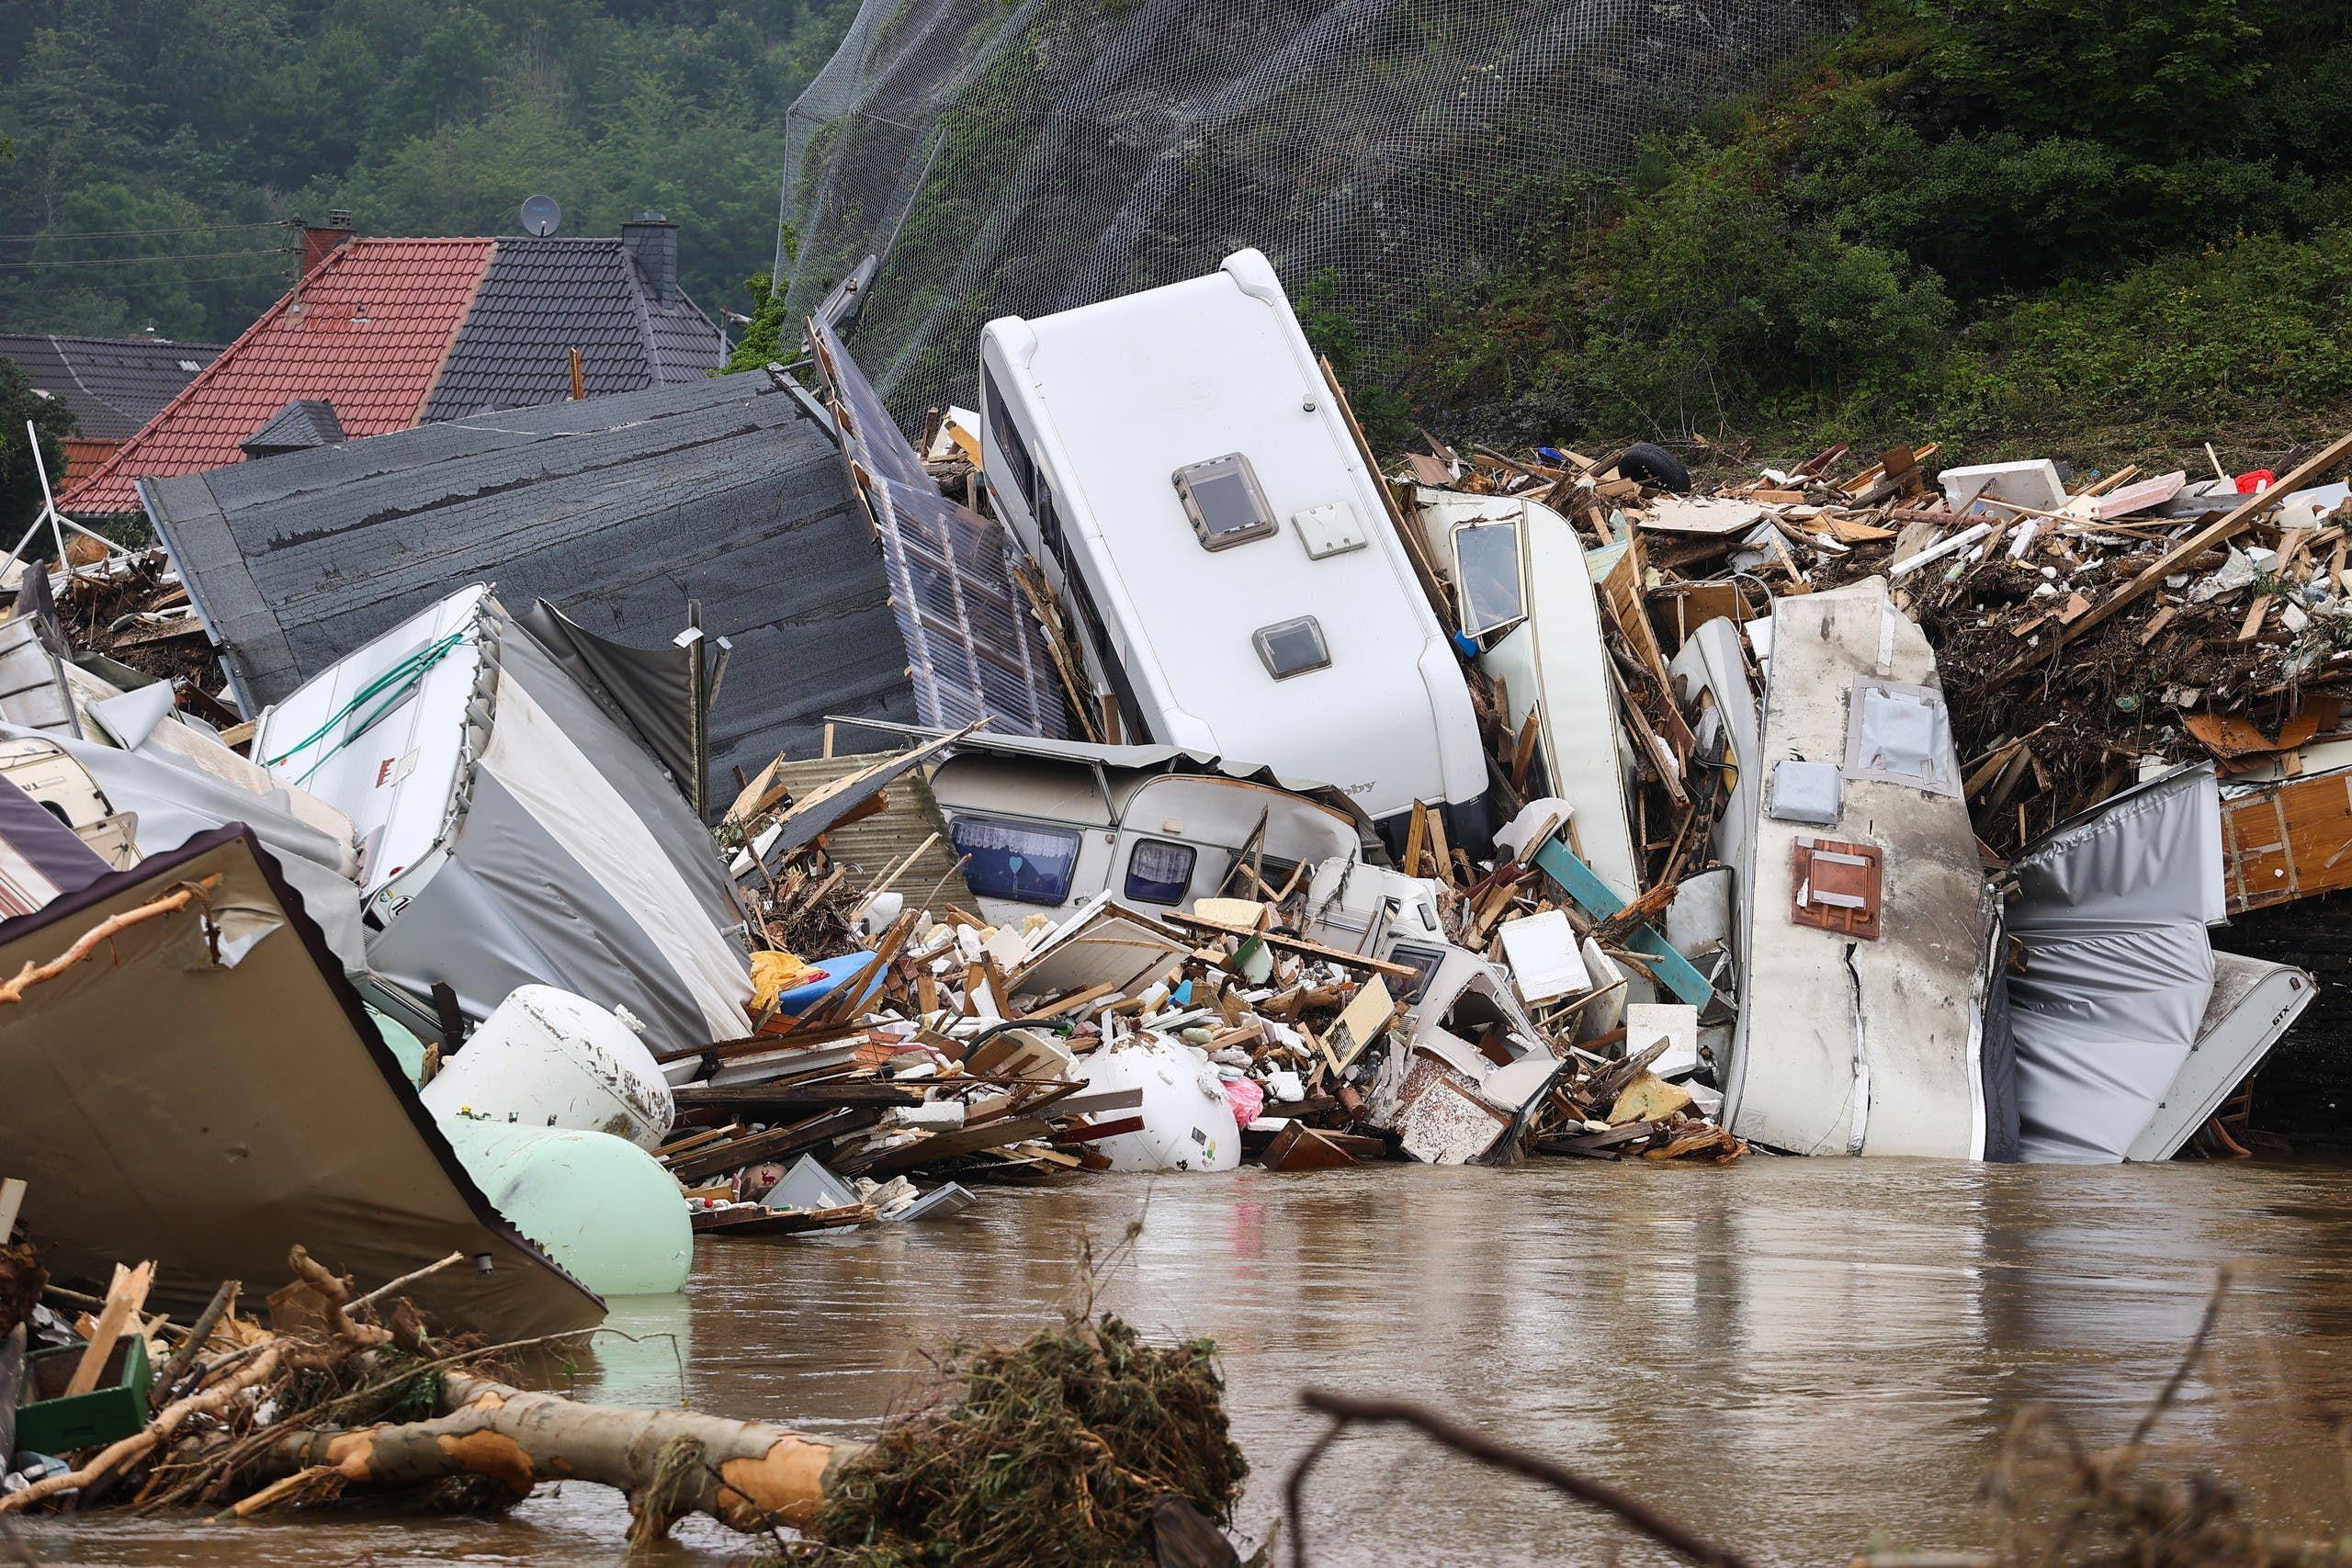 الدمار الذي خلفته الفيضانات في ألمانيا